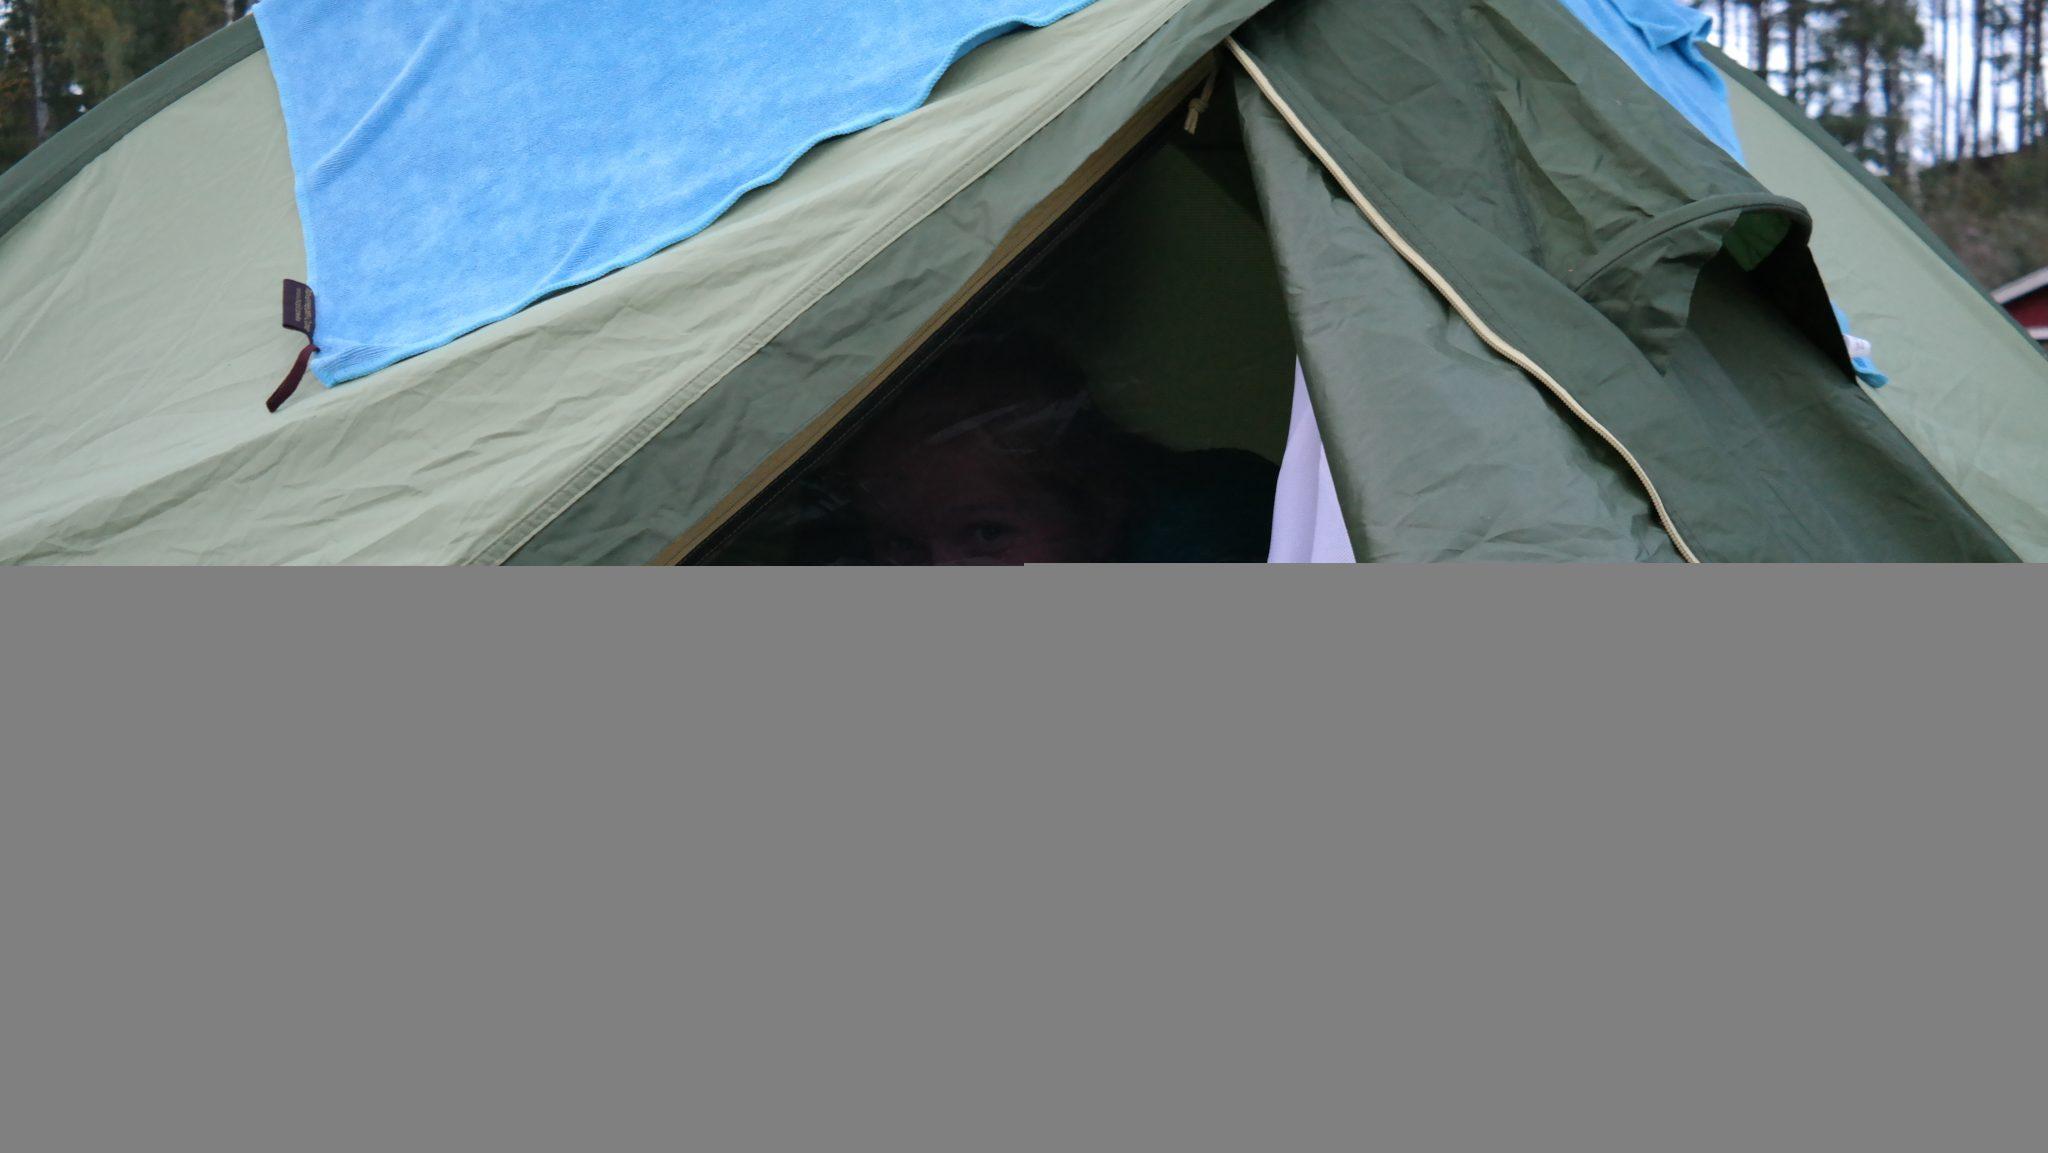 De tent is onderhand mijn thuis